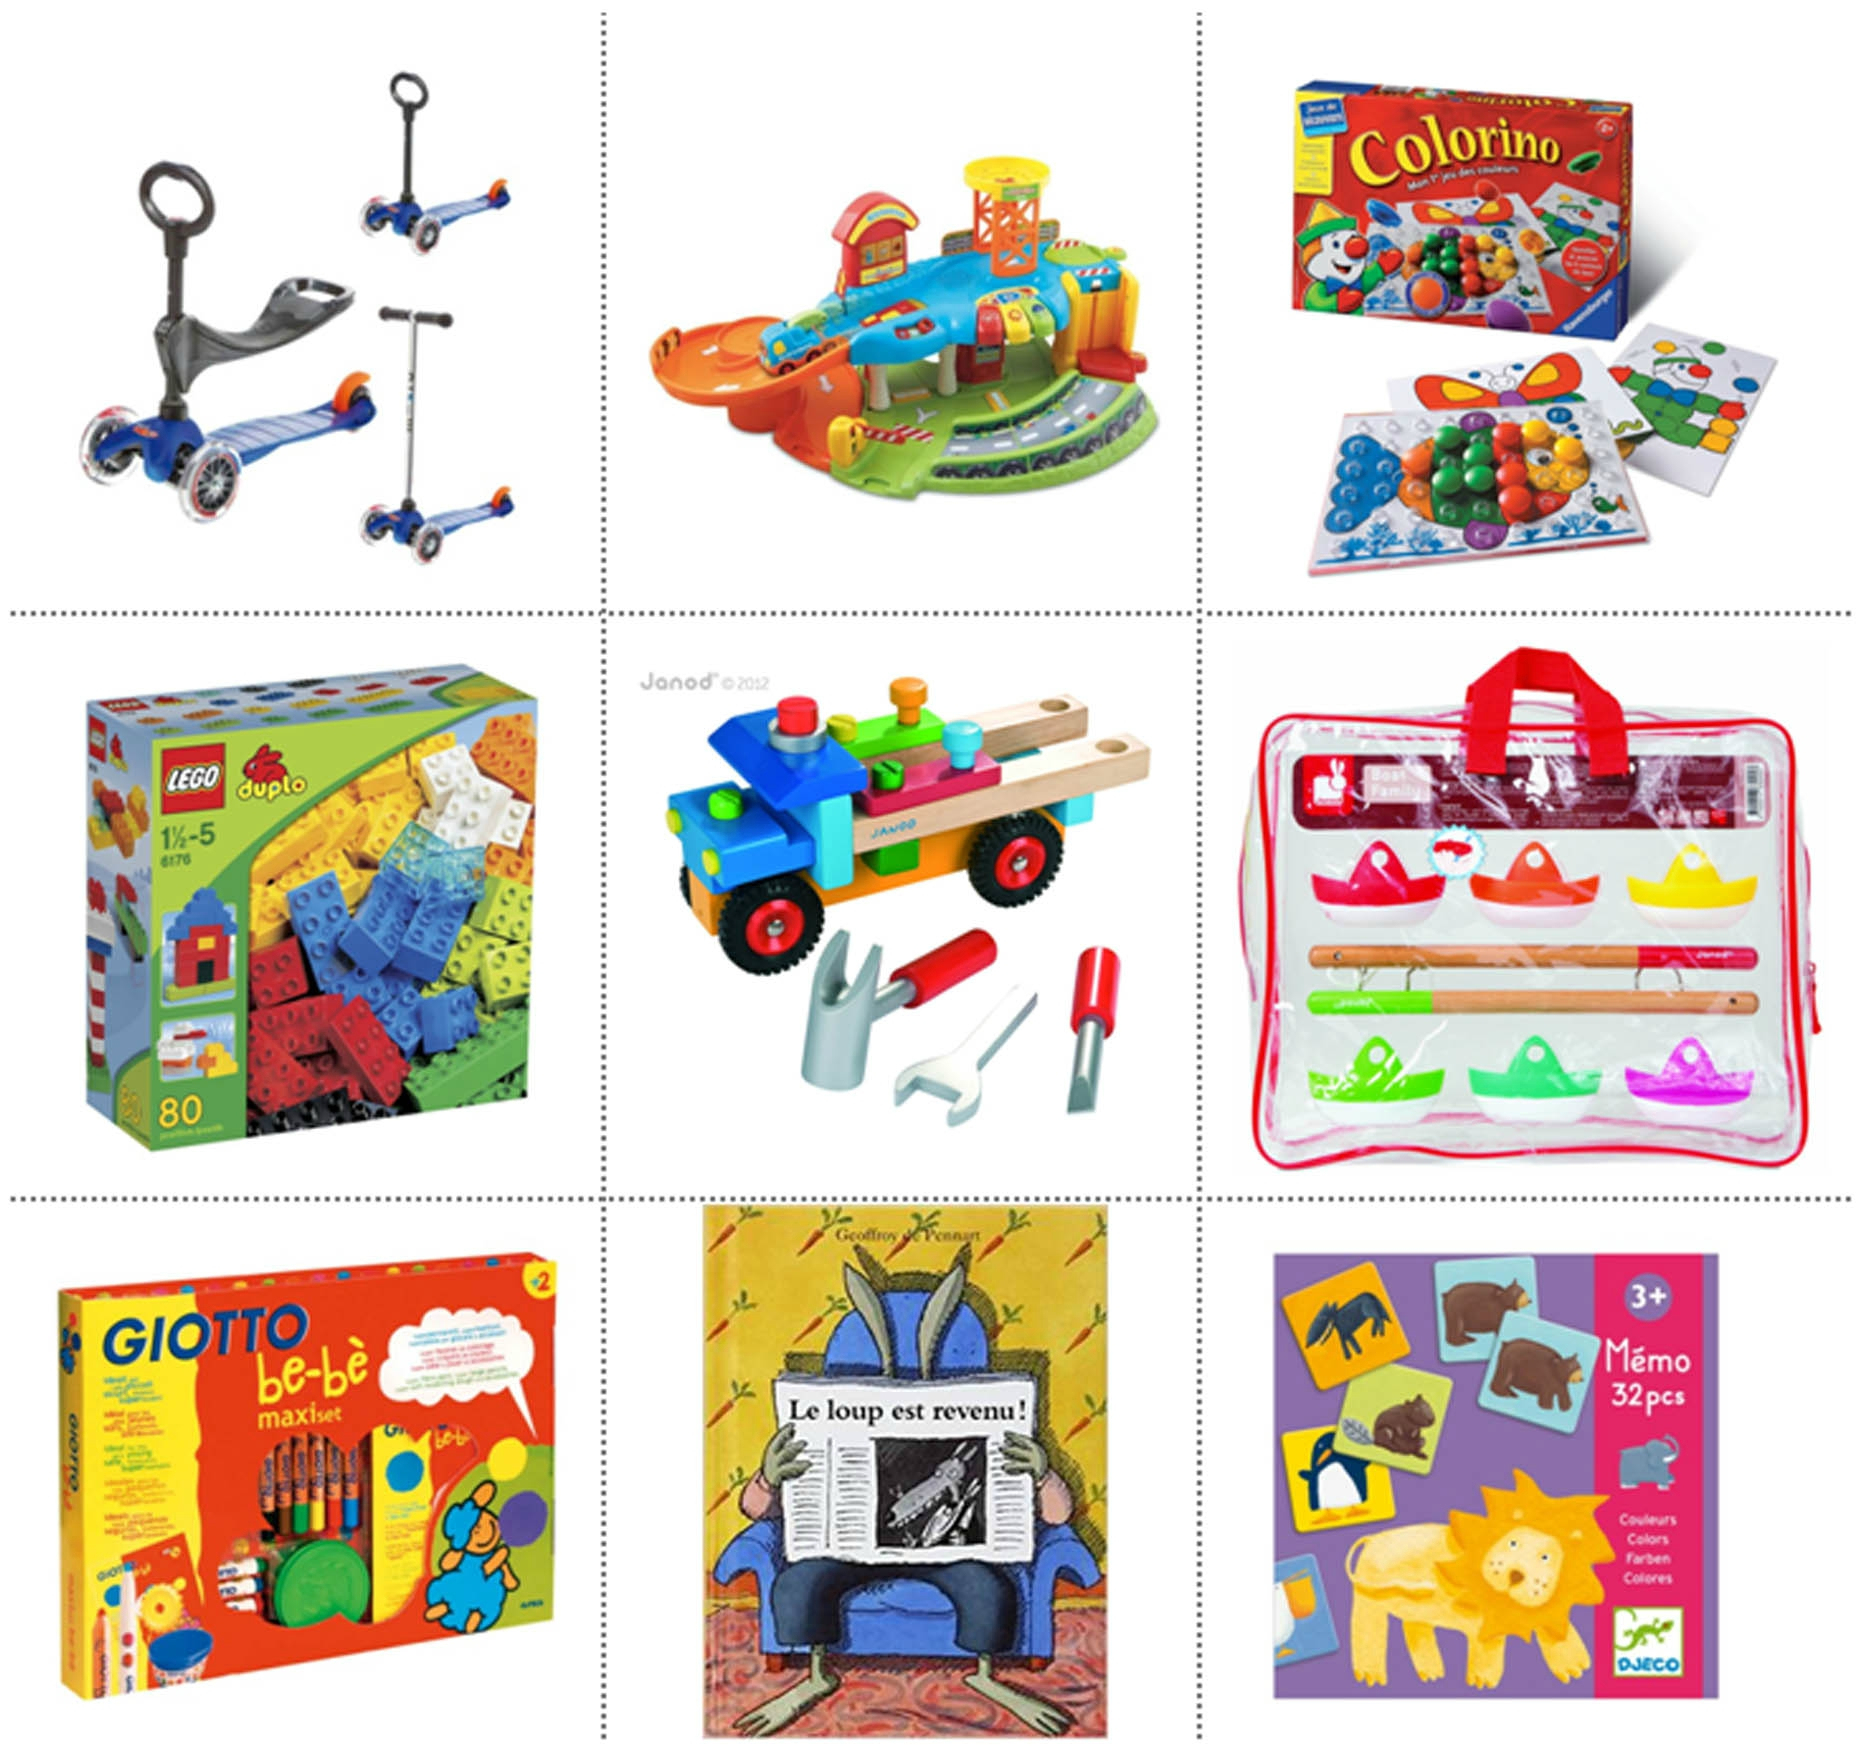 Ma Sélection De Cadeaux Pour Enfants De 2 Ans - La Page De avec Jeux Educatif Enfant 2 Ans